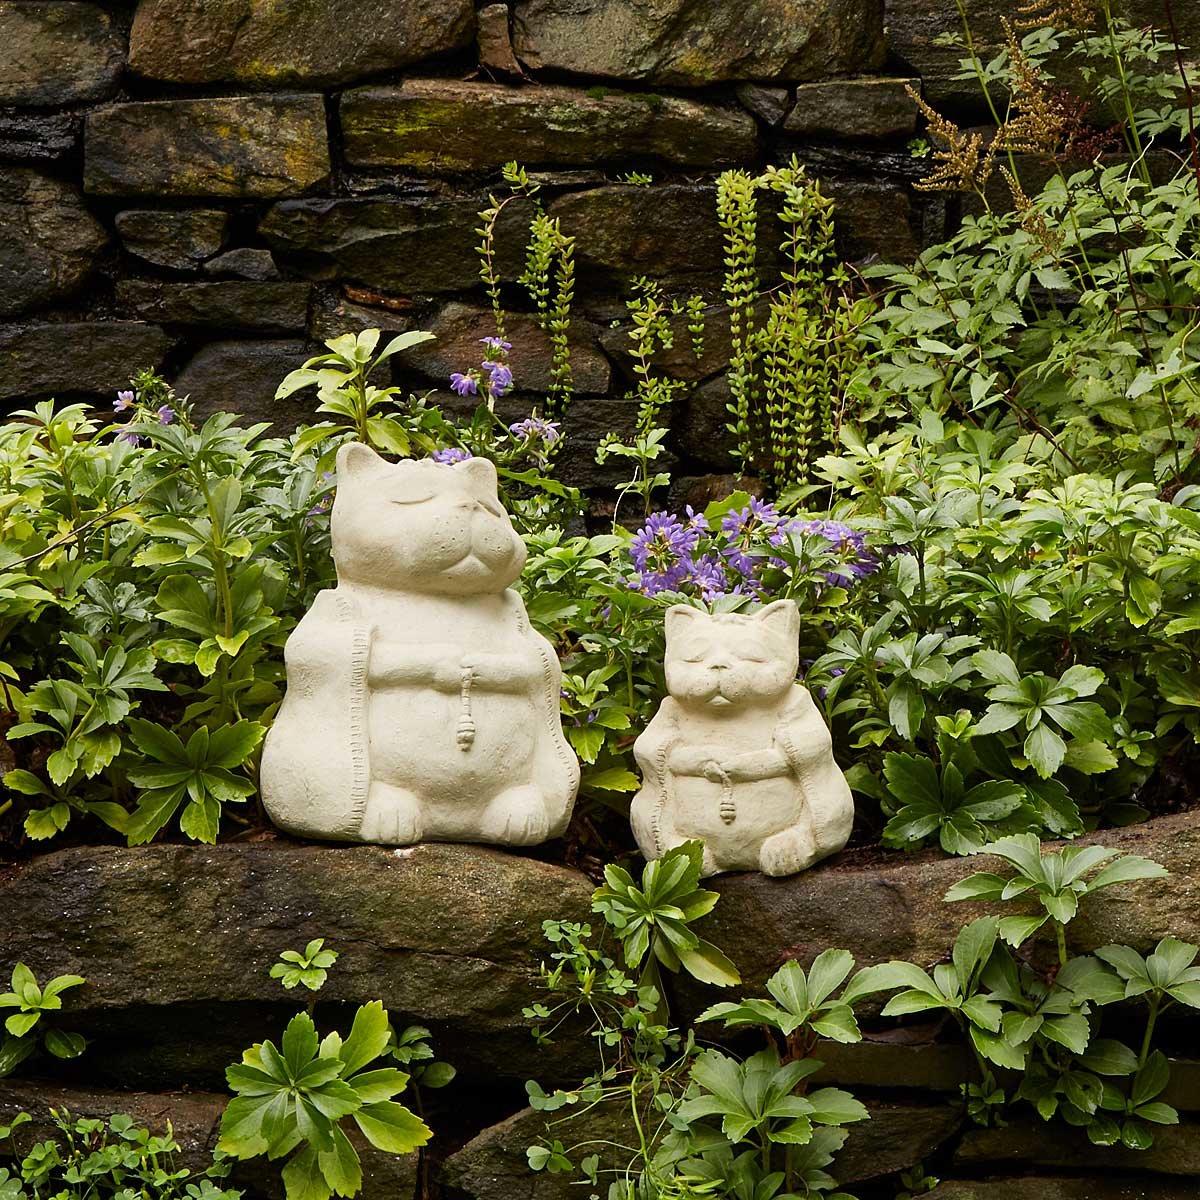 Zen Cat Garden Sculpture 1 Thumbnail